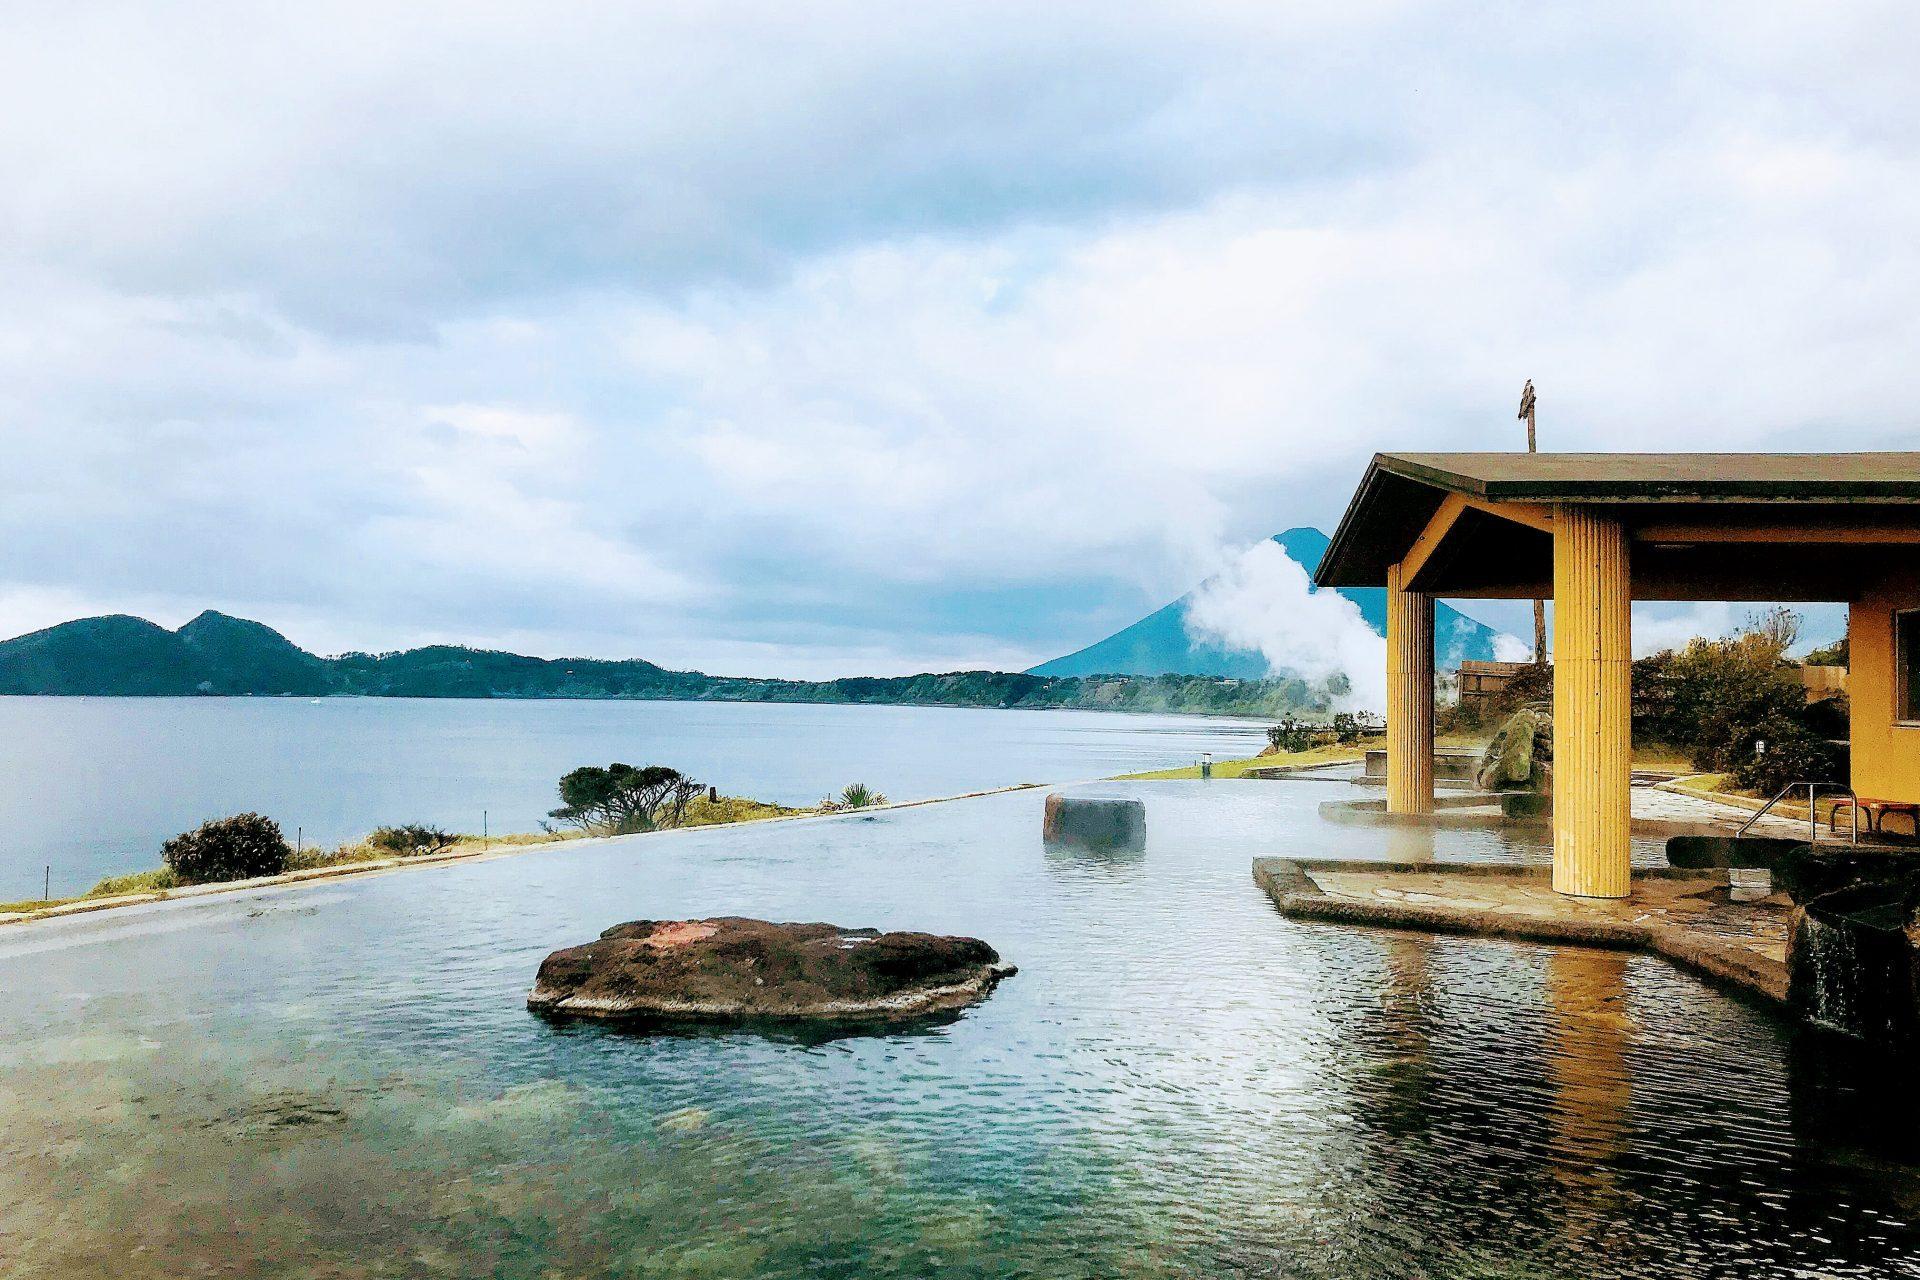 ヘルシーランド たまて箱温泉 指宿市 鹿児島 絶景 景色 自然 九州 旅行 観光 おすすめ